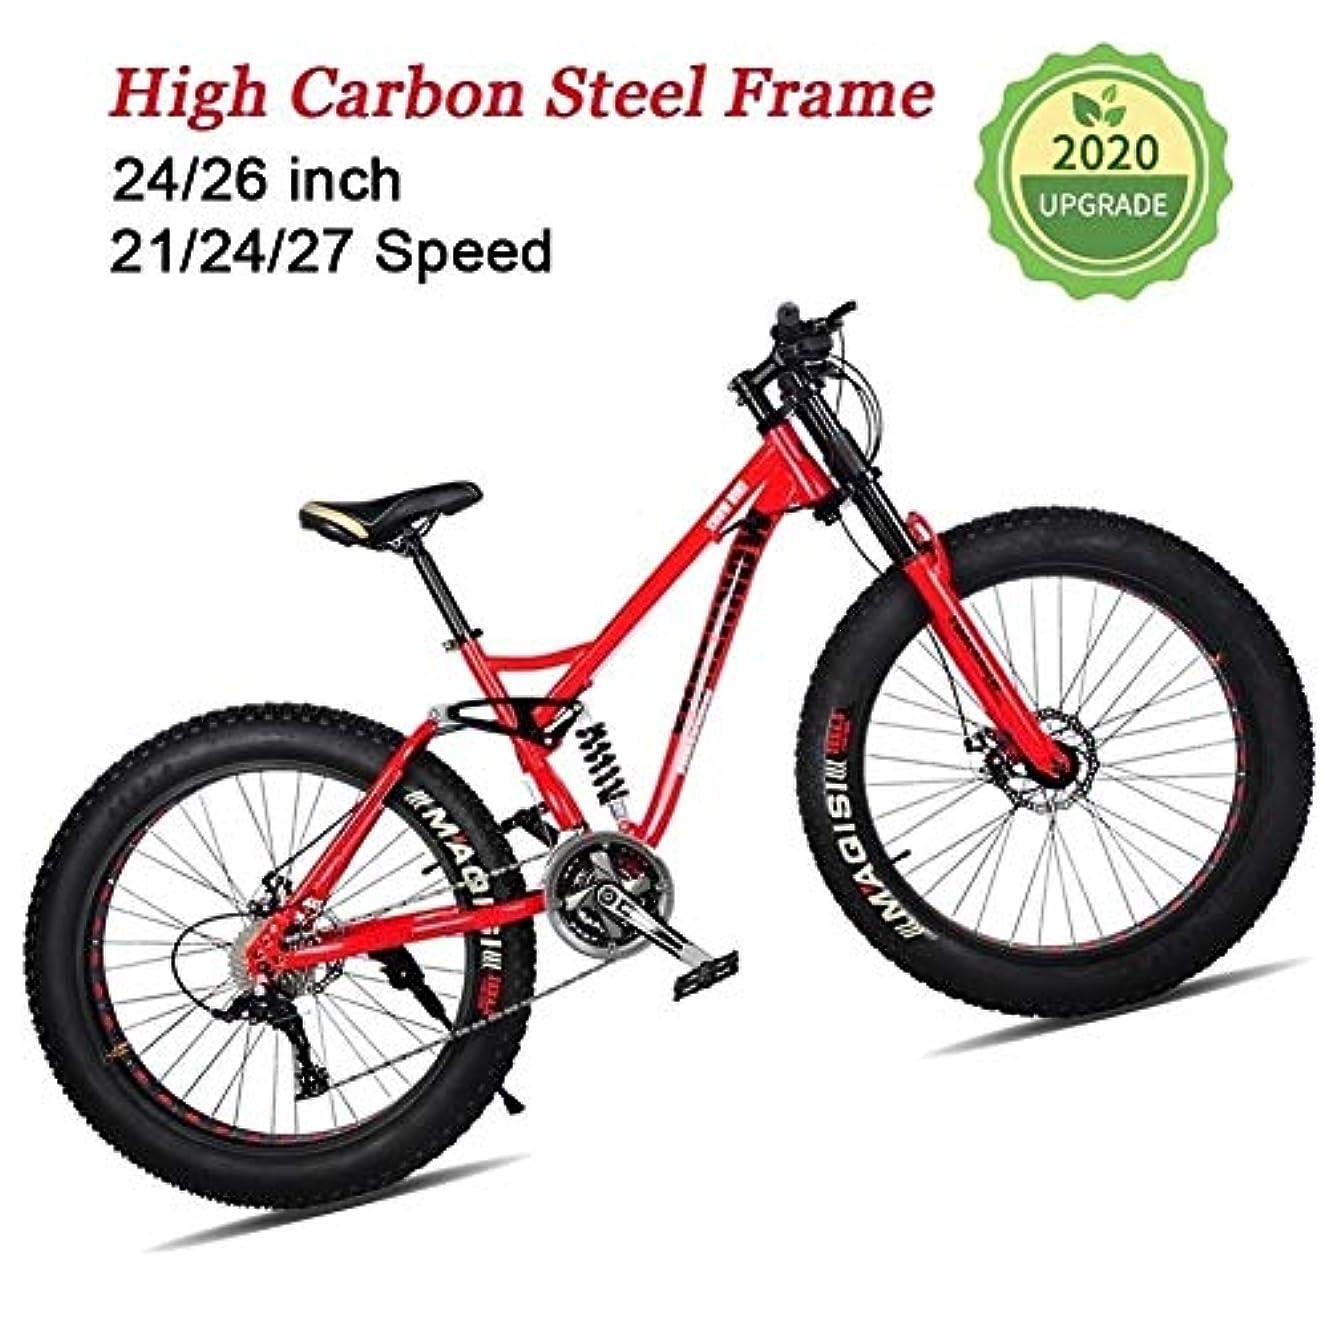 寸法天窓豊富ファットタイヤマウンテンバイク衝撃を吸収するフロントフォークと中央のショックアブソーバのためにビーチ、雪、クロスカントリーでは24インチ24スピード自転車エクササイズバイク、フィットネス (Color : Red, Size : 26 inch)